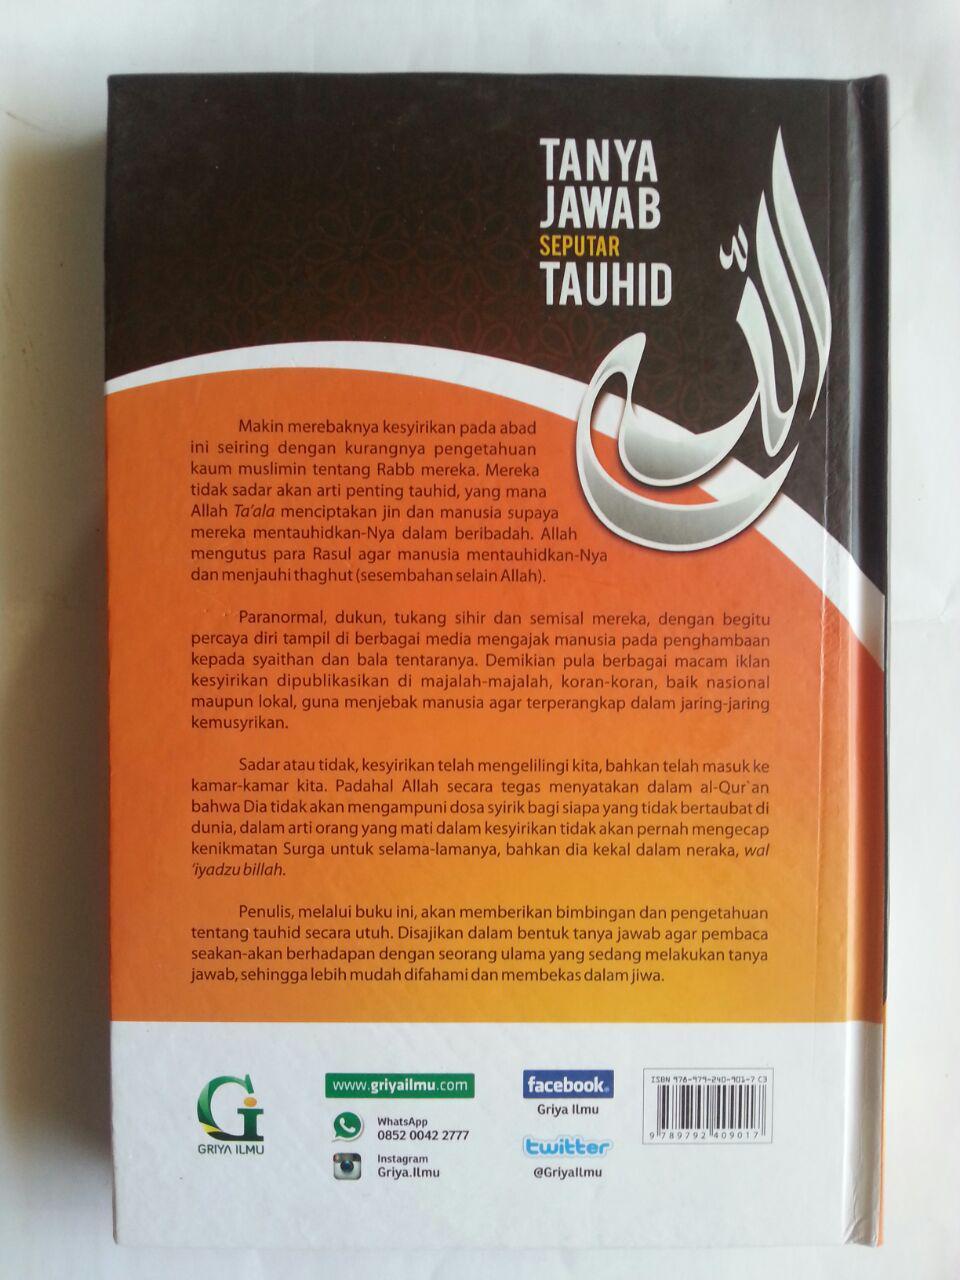 Buku Tanya Jawab Seputar Tauhid cover